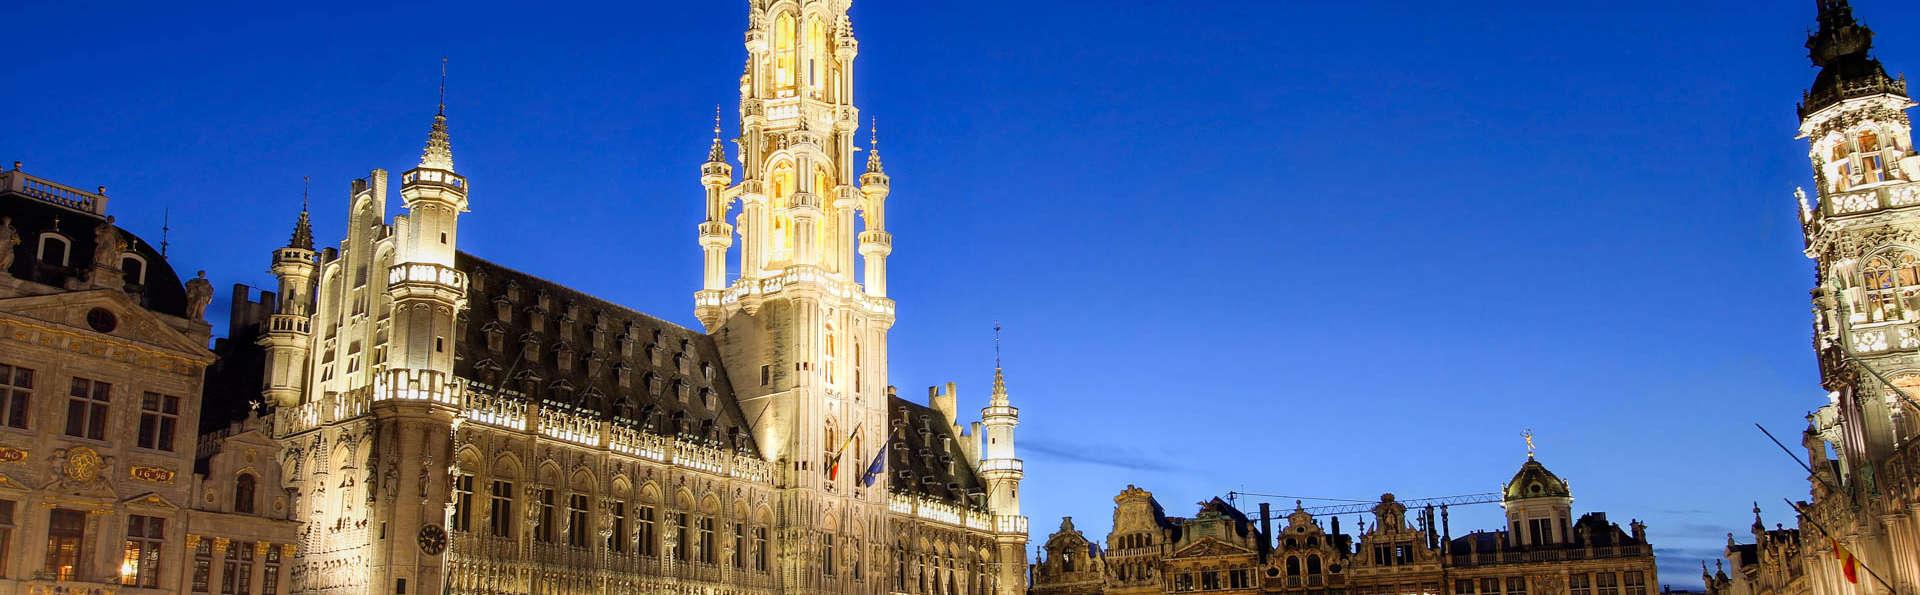 Découverte de Bruxelles avec entrées pour le musée Magritte